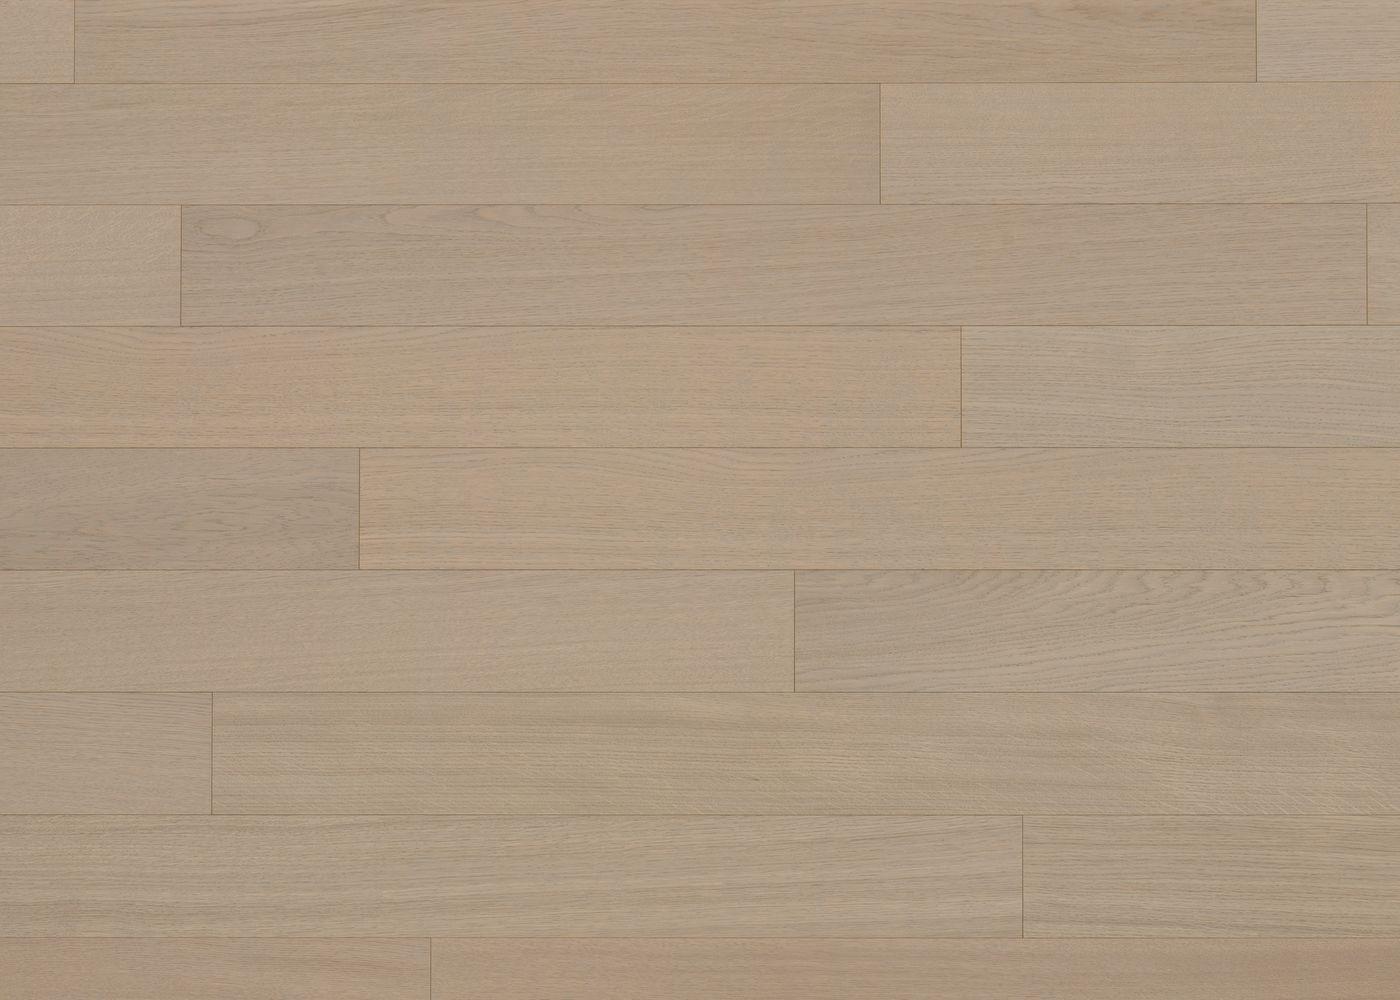 Sol plaqué bois Chêne Catane brossé vernis extra-mat - Deluxe - Select 12x166x1810